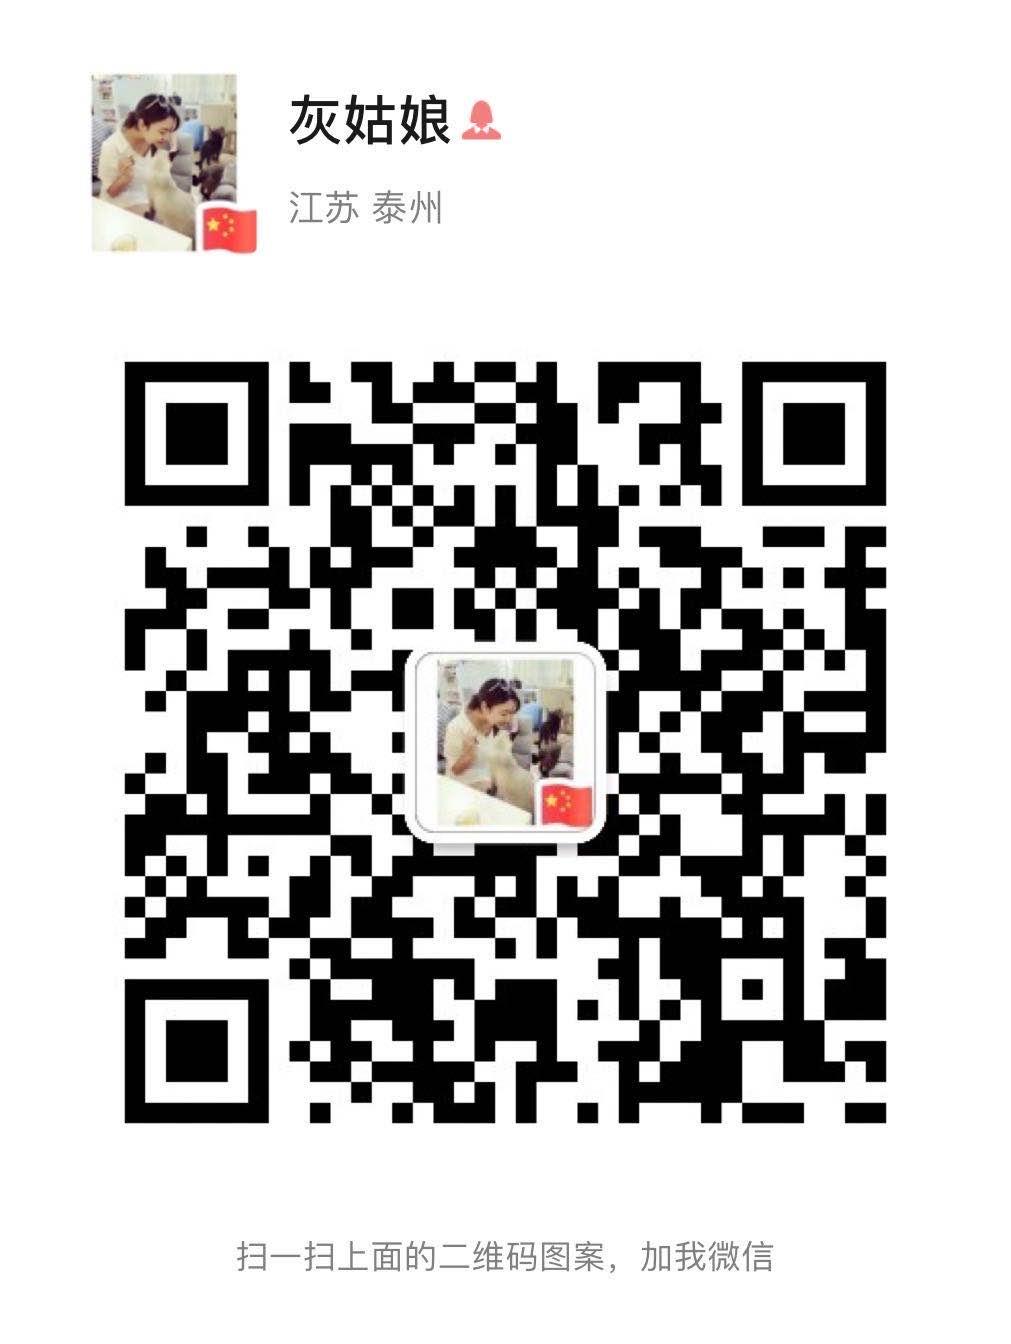 微信图片_20200521155152.jpg